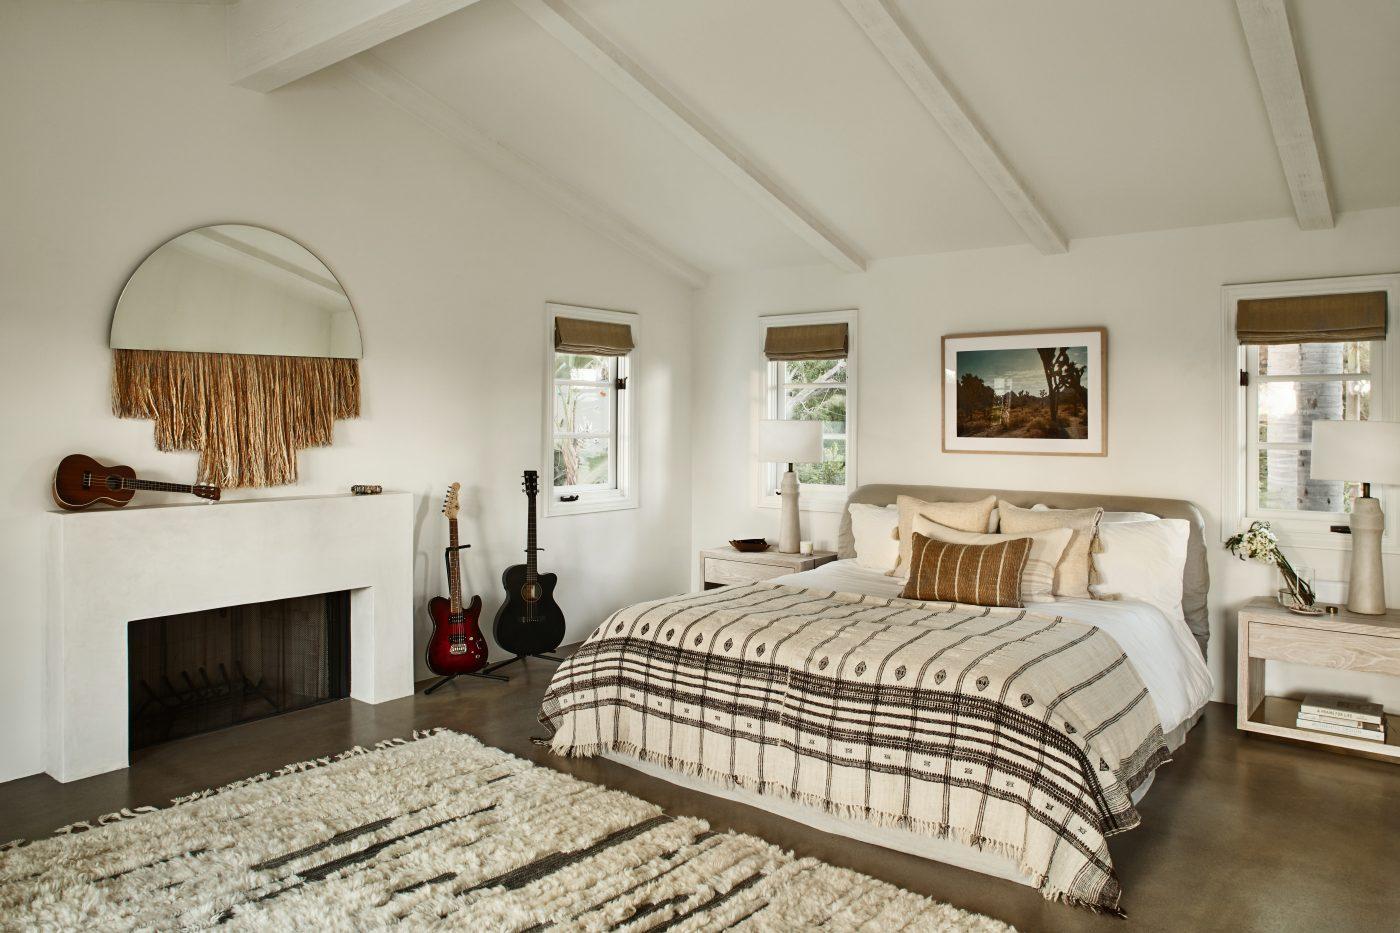 Bedroom designed by Alexander